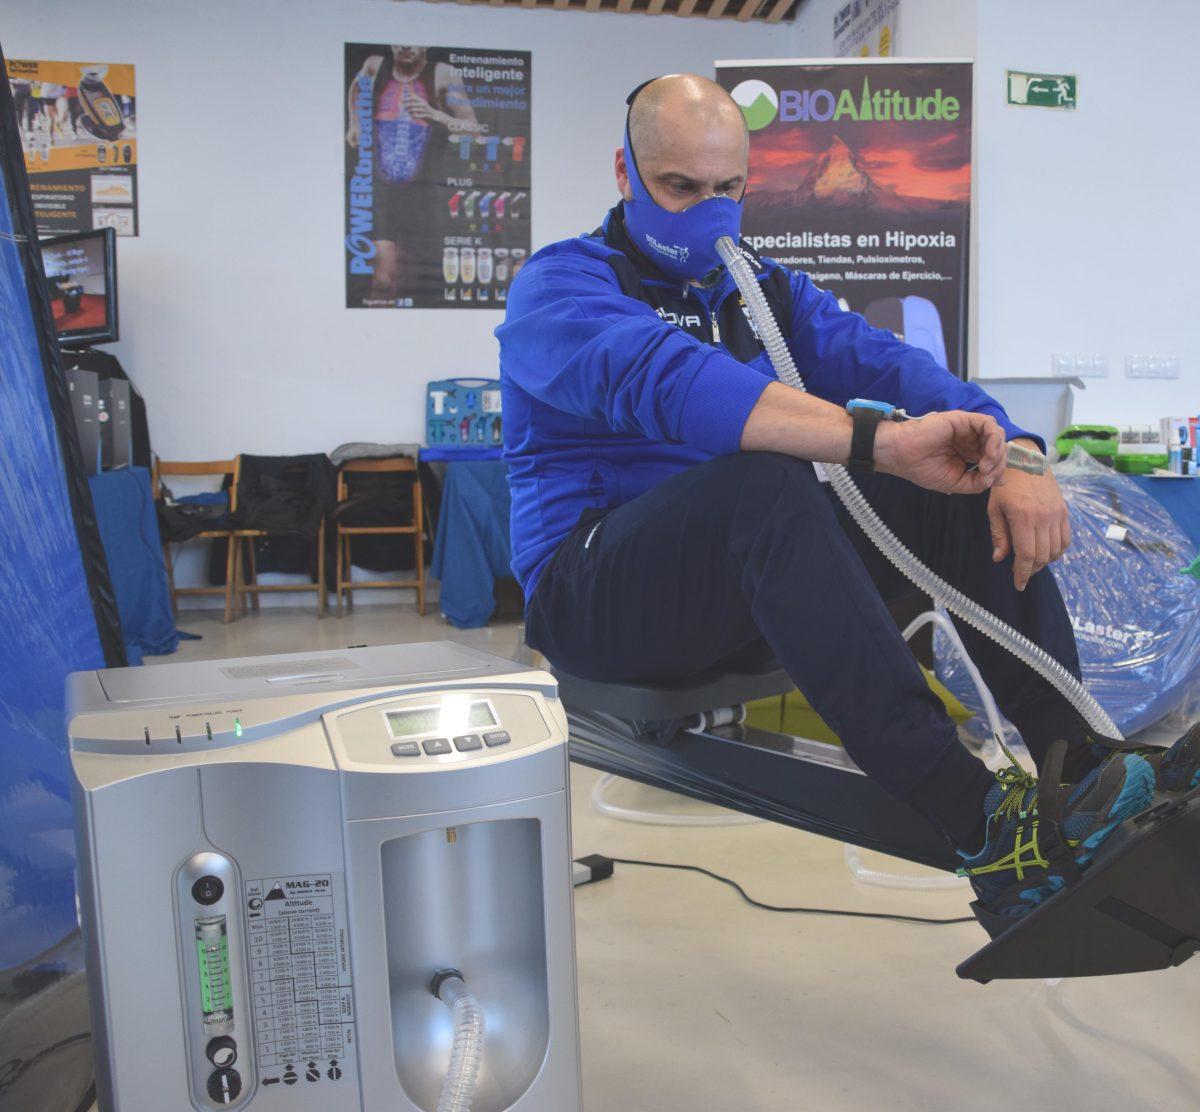 Entrenamiento en Altitud Simulada – Experiencias de los Deportistas asistentes a la Feria del Remo de Orio en el stand de Biolaster y Bioaltitude